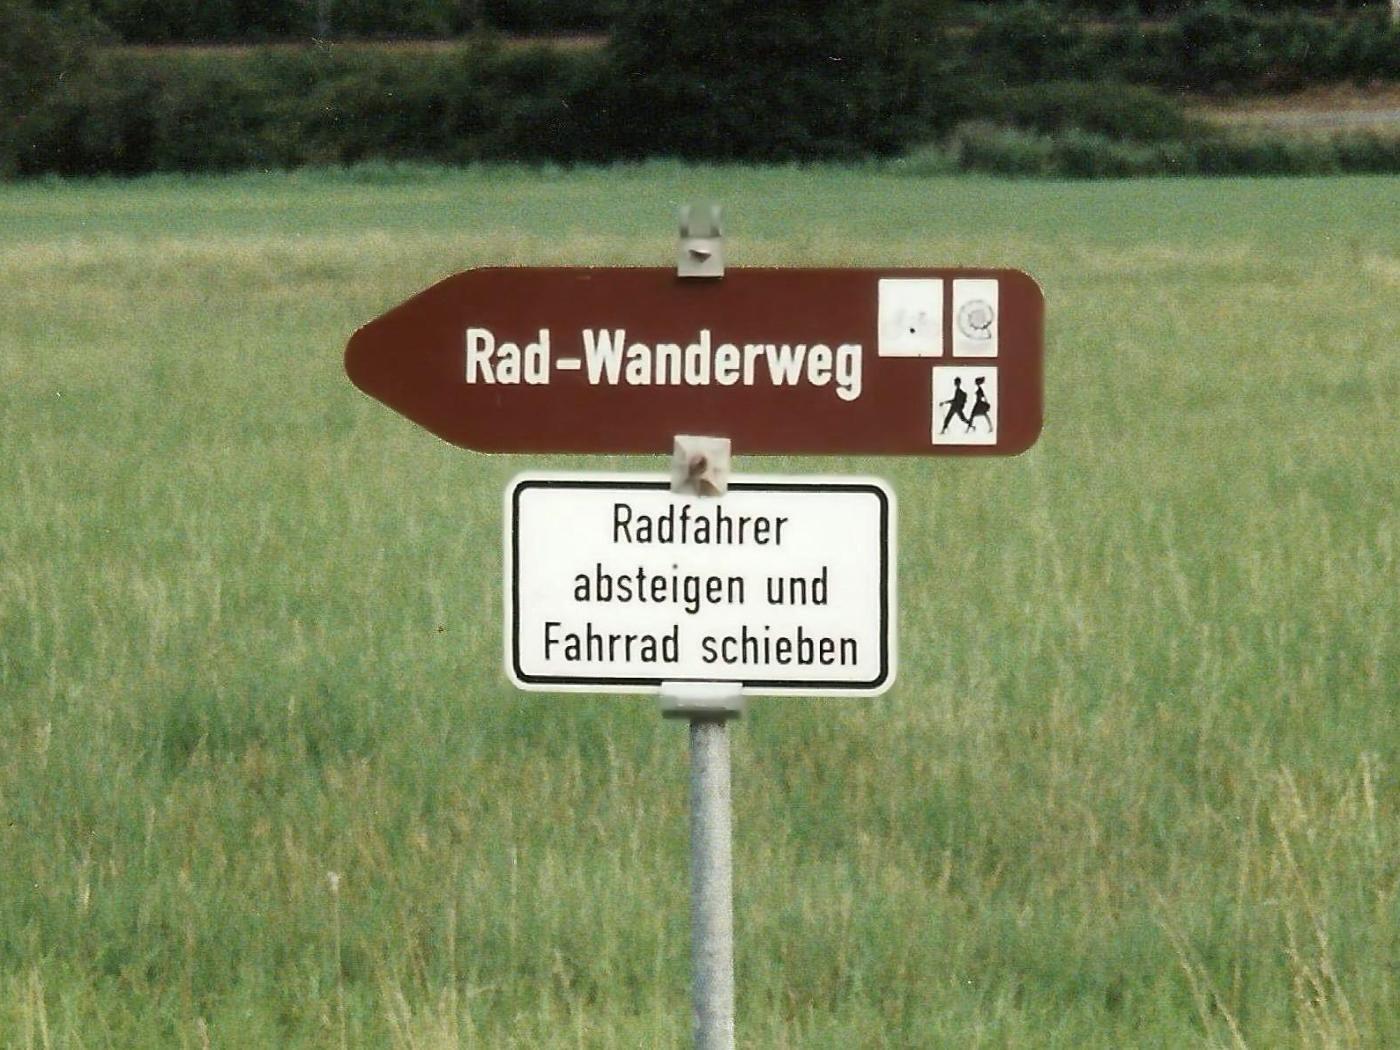 Rad-Wanderweg